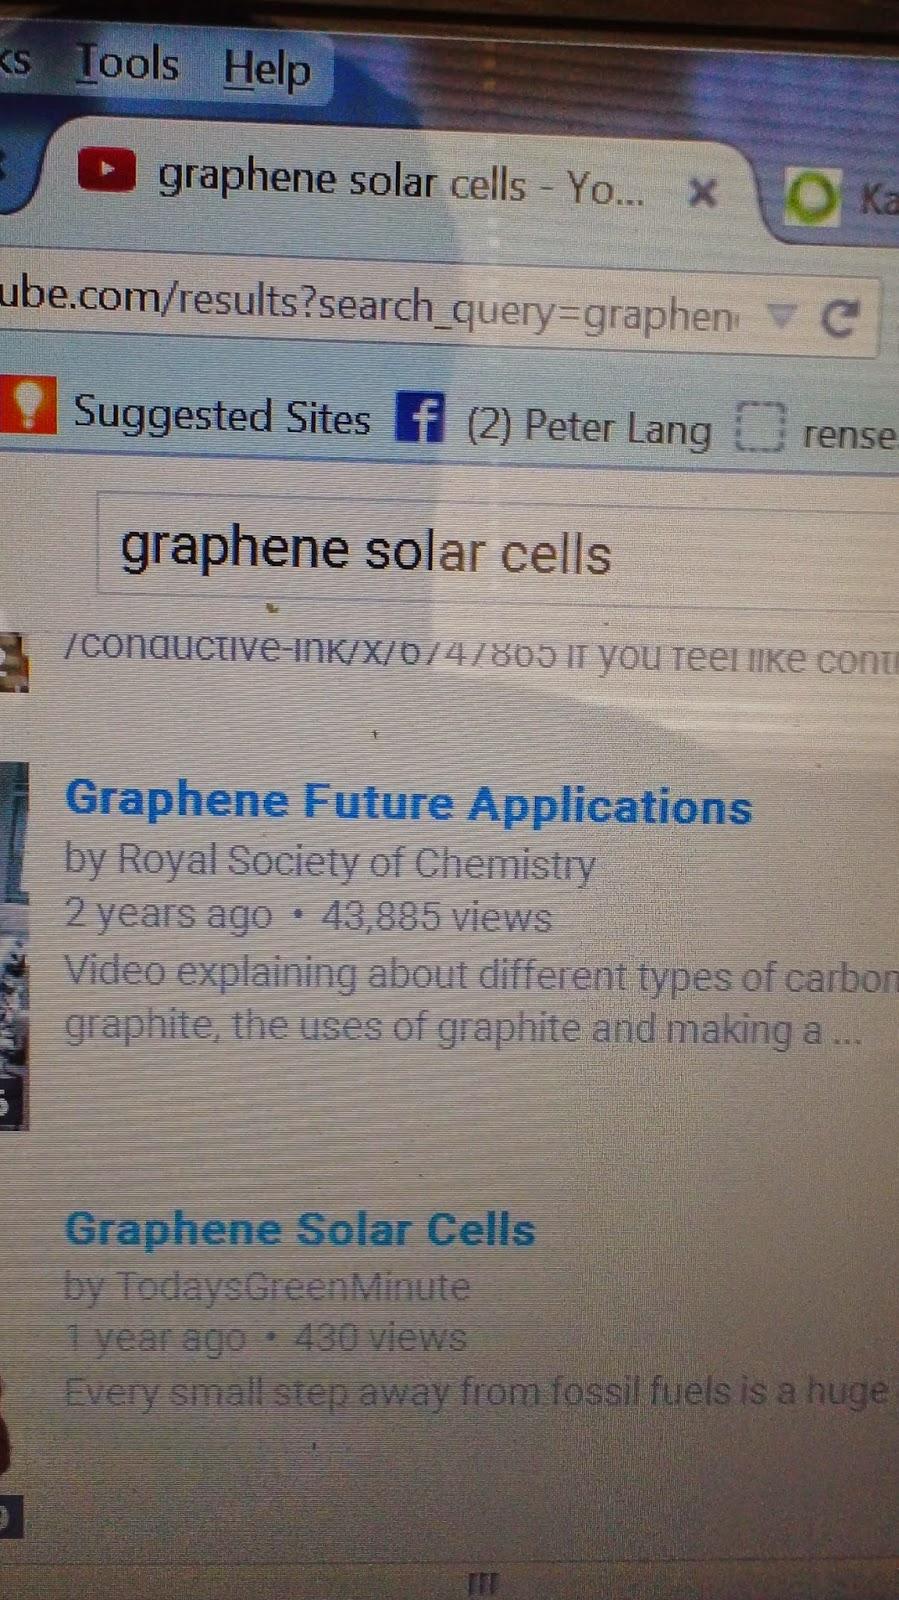 Graphene Solar Cells: graphene for science